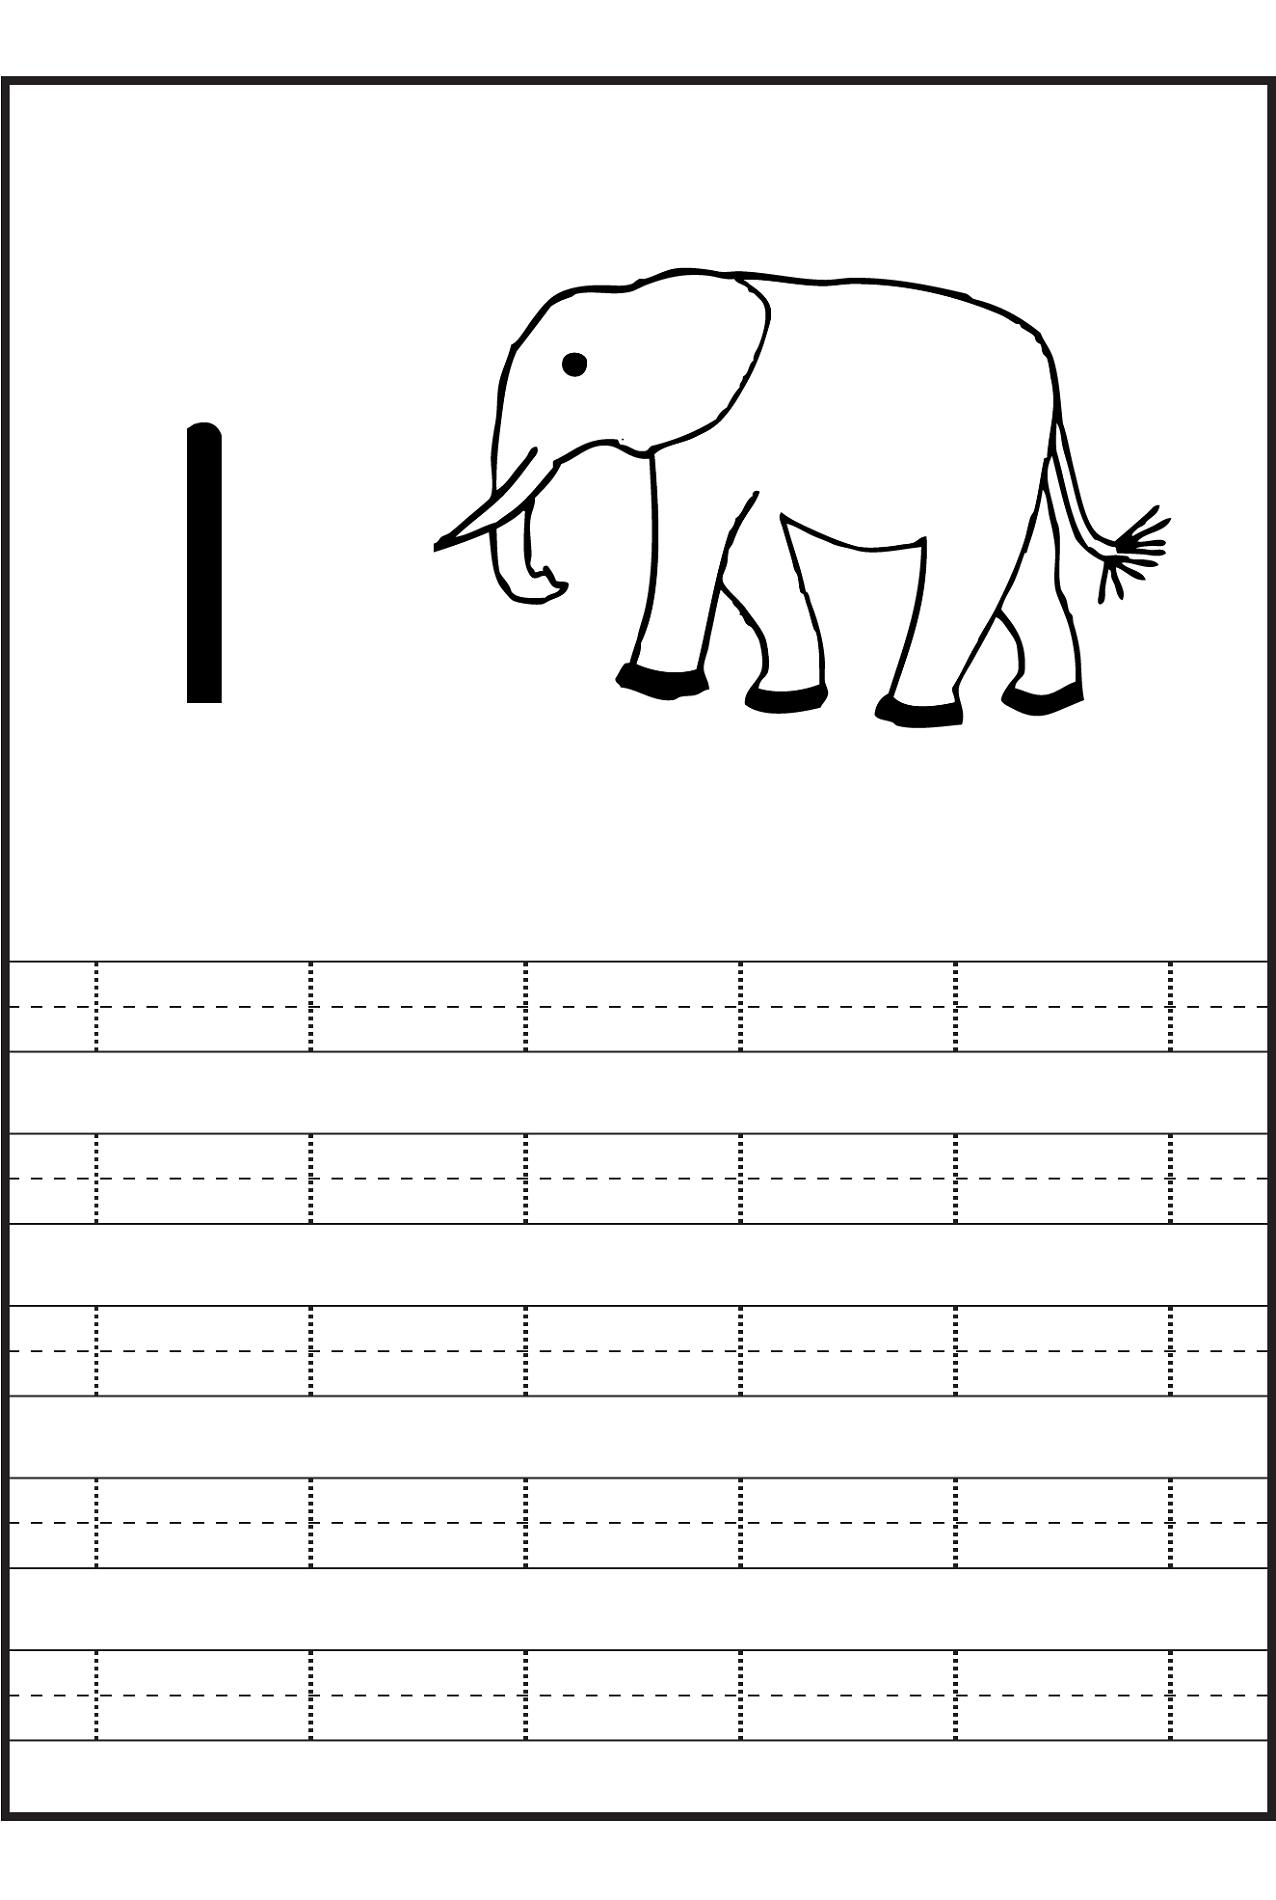 Worksheet Number Trace Worksheet Brunokone Worksheet Study Site